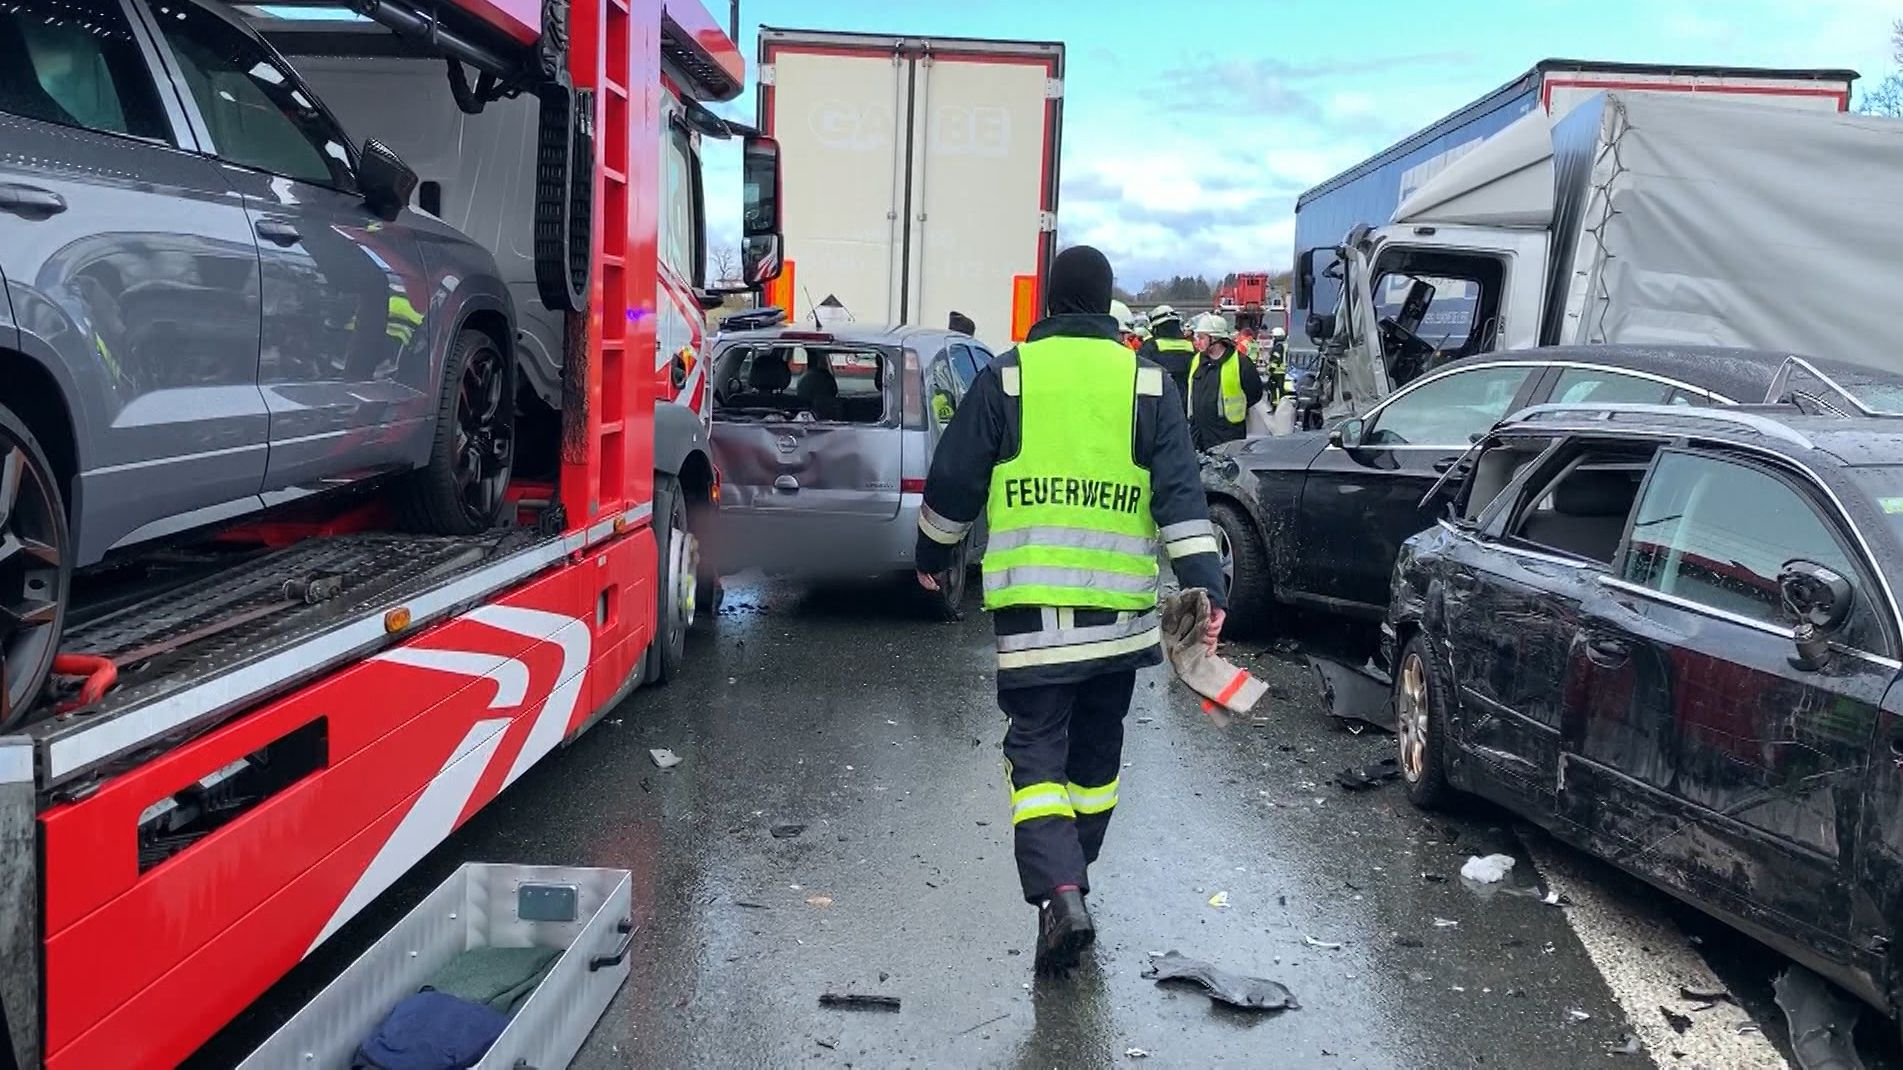 Auf der A6 nahe Altdorf bei Nürnberg sind am Morgen mehrere Autos ineinander gekracht. Ein Mensch kam ums Leben, mehr als zwei Dutzend Personen wurden verletzt. Zum Zeitpunkt des Unfalls soll ein starker Schneesturm geherrscht haben.